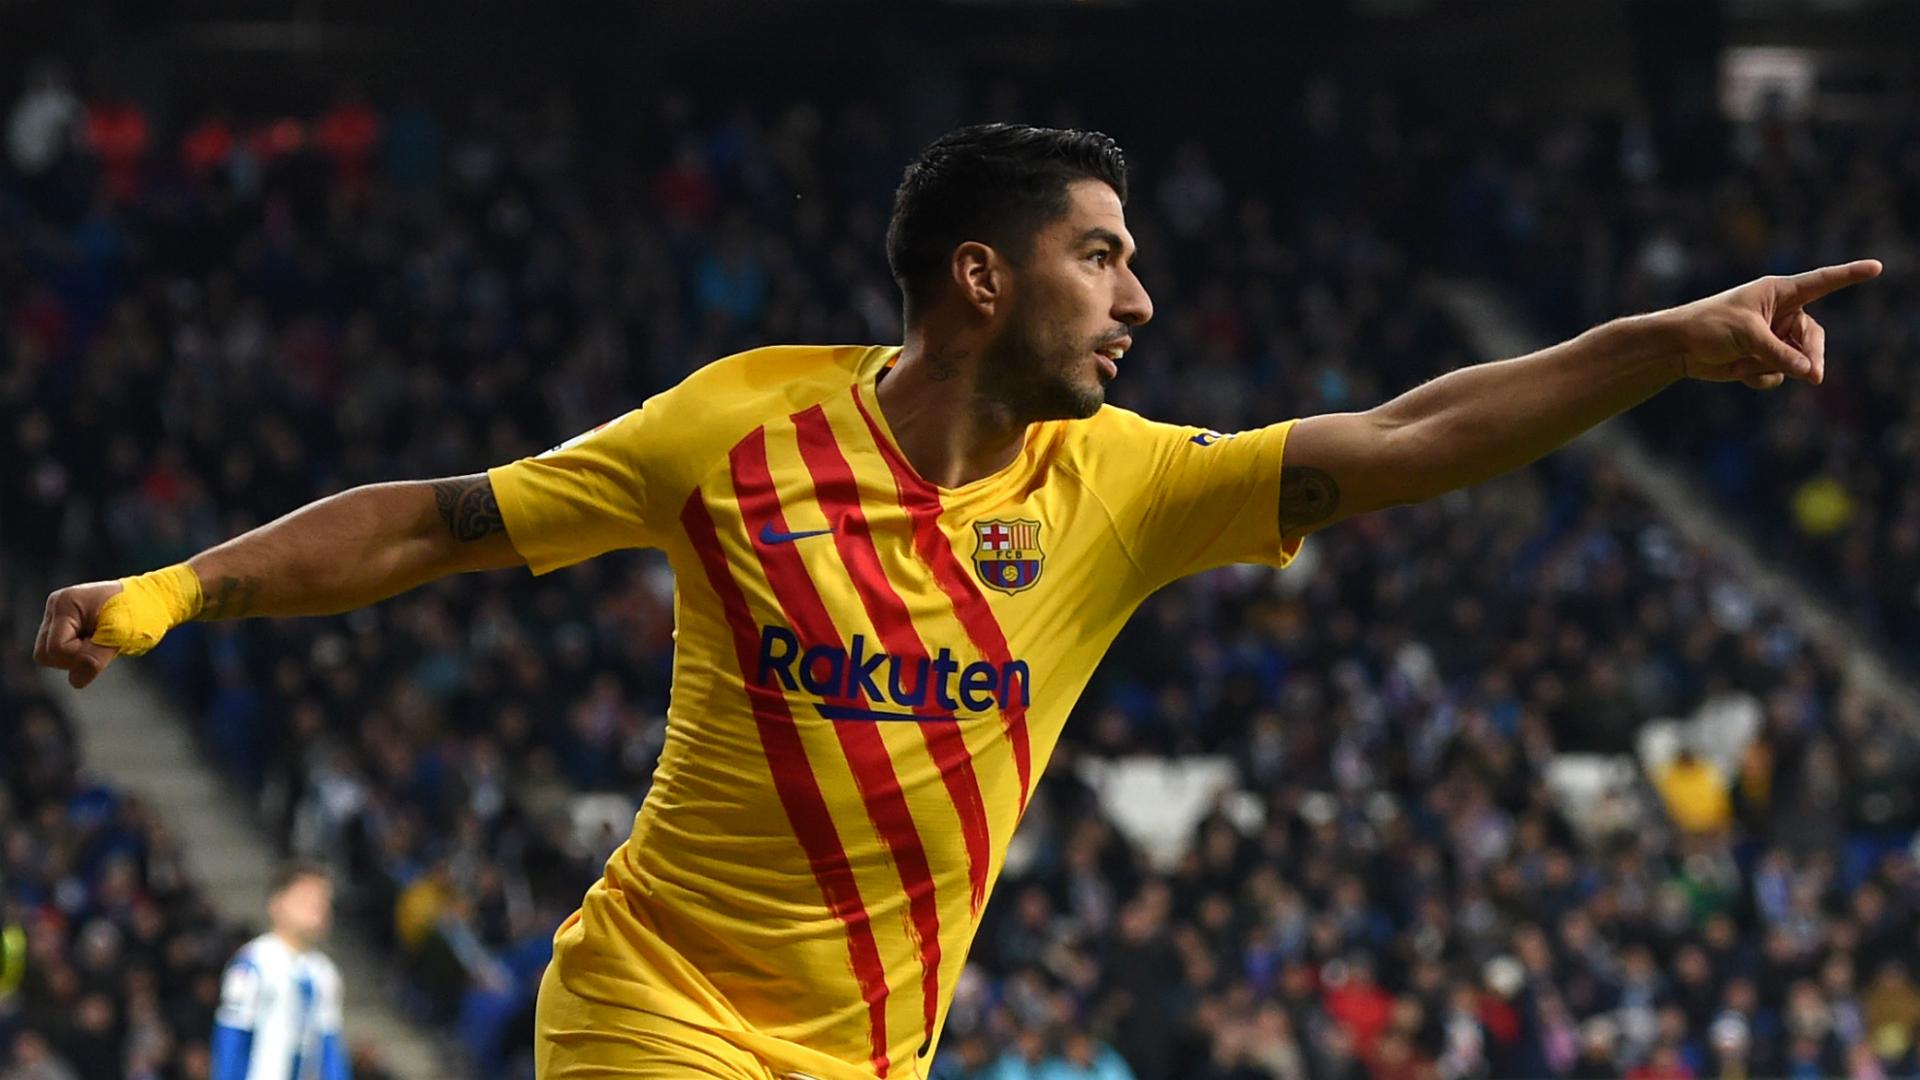 Luis Suarez set for knee surgery, Barcelona confirm